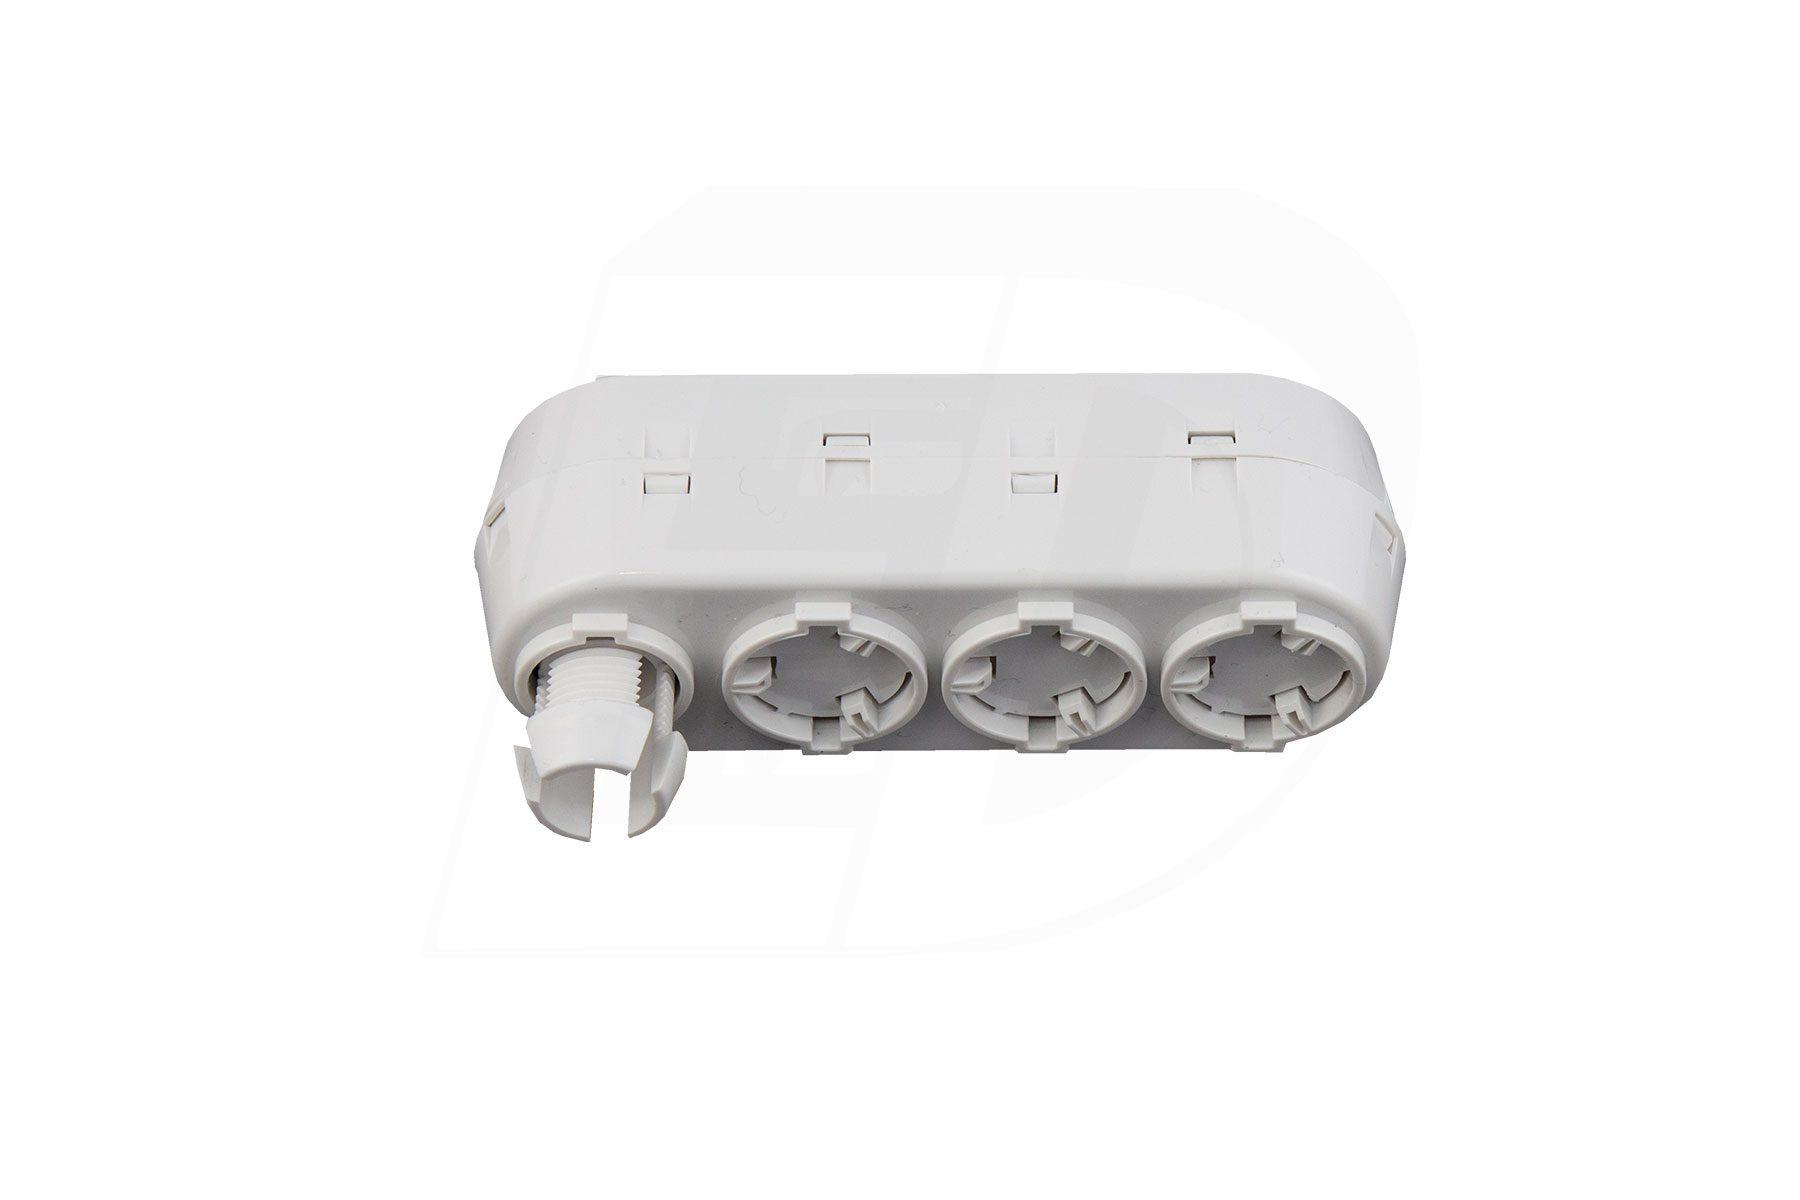 Long Bracket for SENPIR-HB-01 PIR High Bay Occupancy Sensor